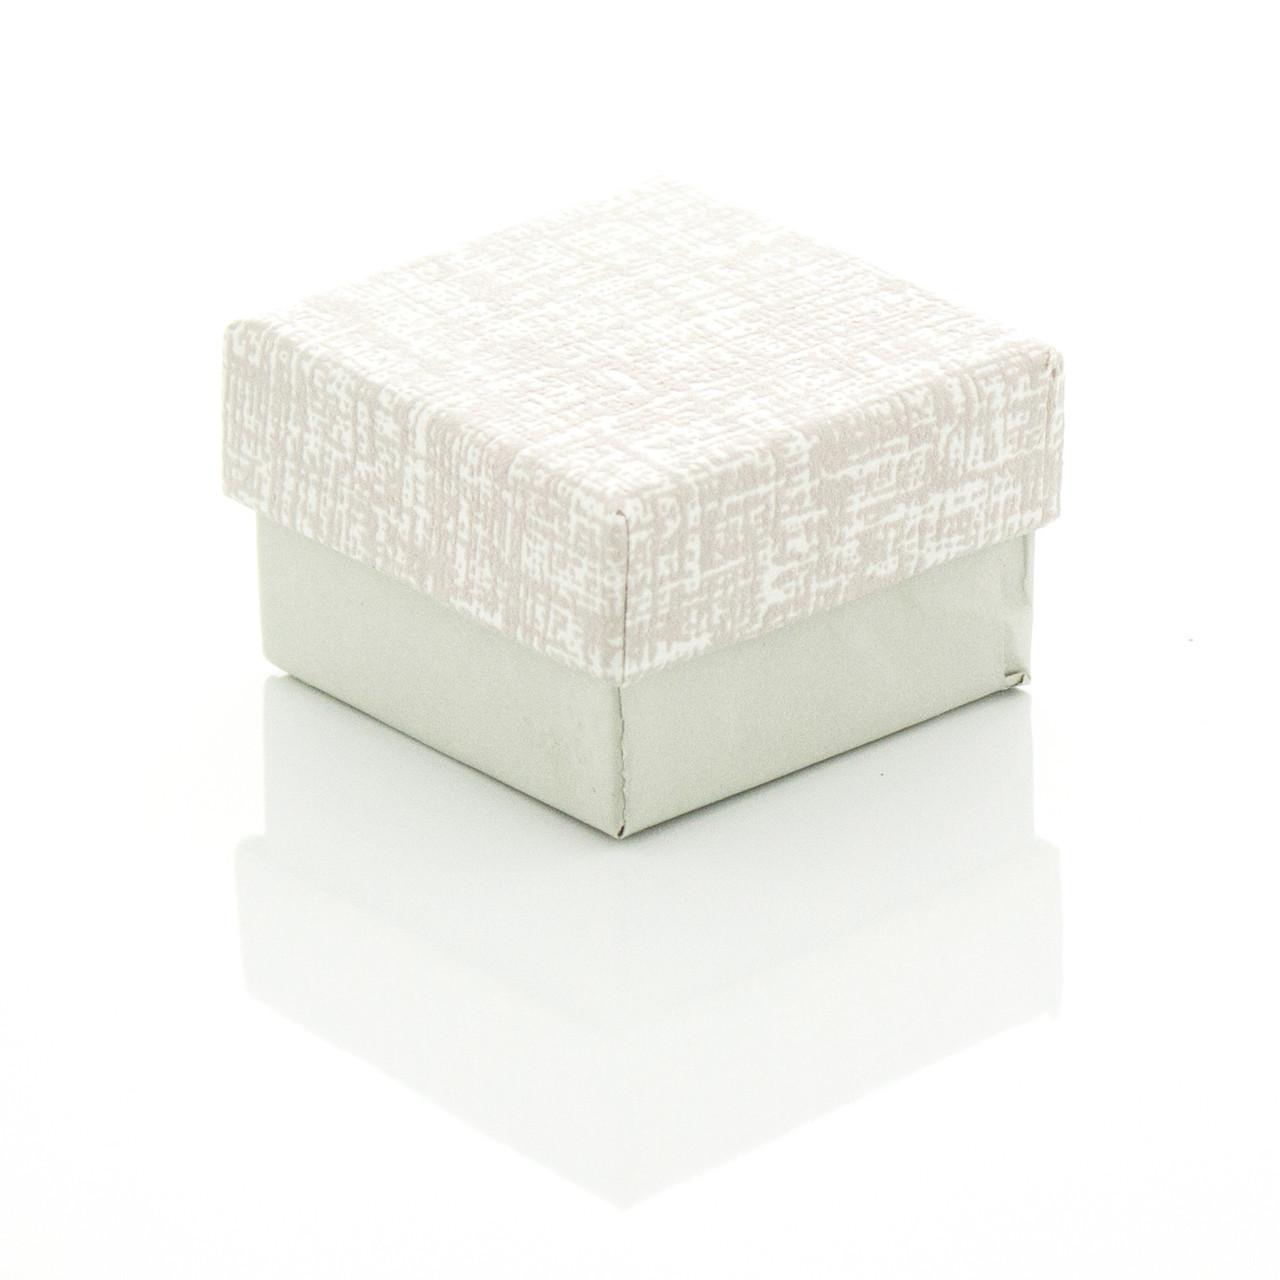 Подарочная коробочка под бижутерию нежных пастельных цветов 4 х 4 х 2.5 см Молочная